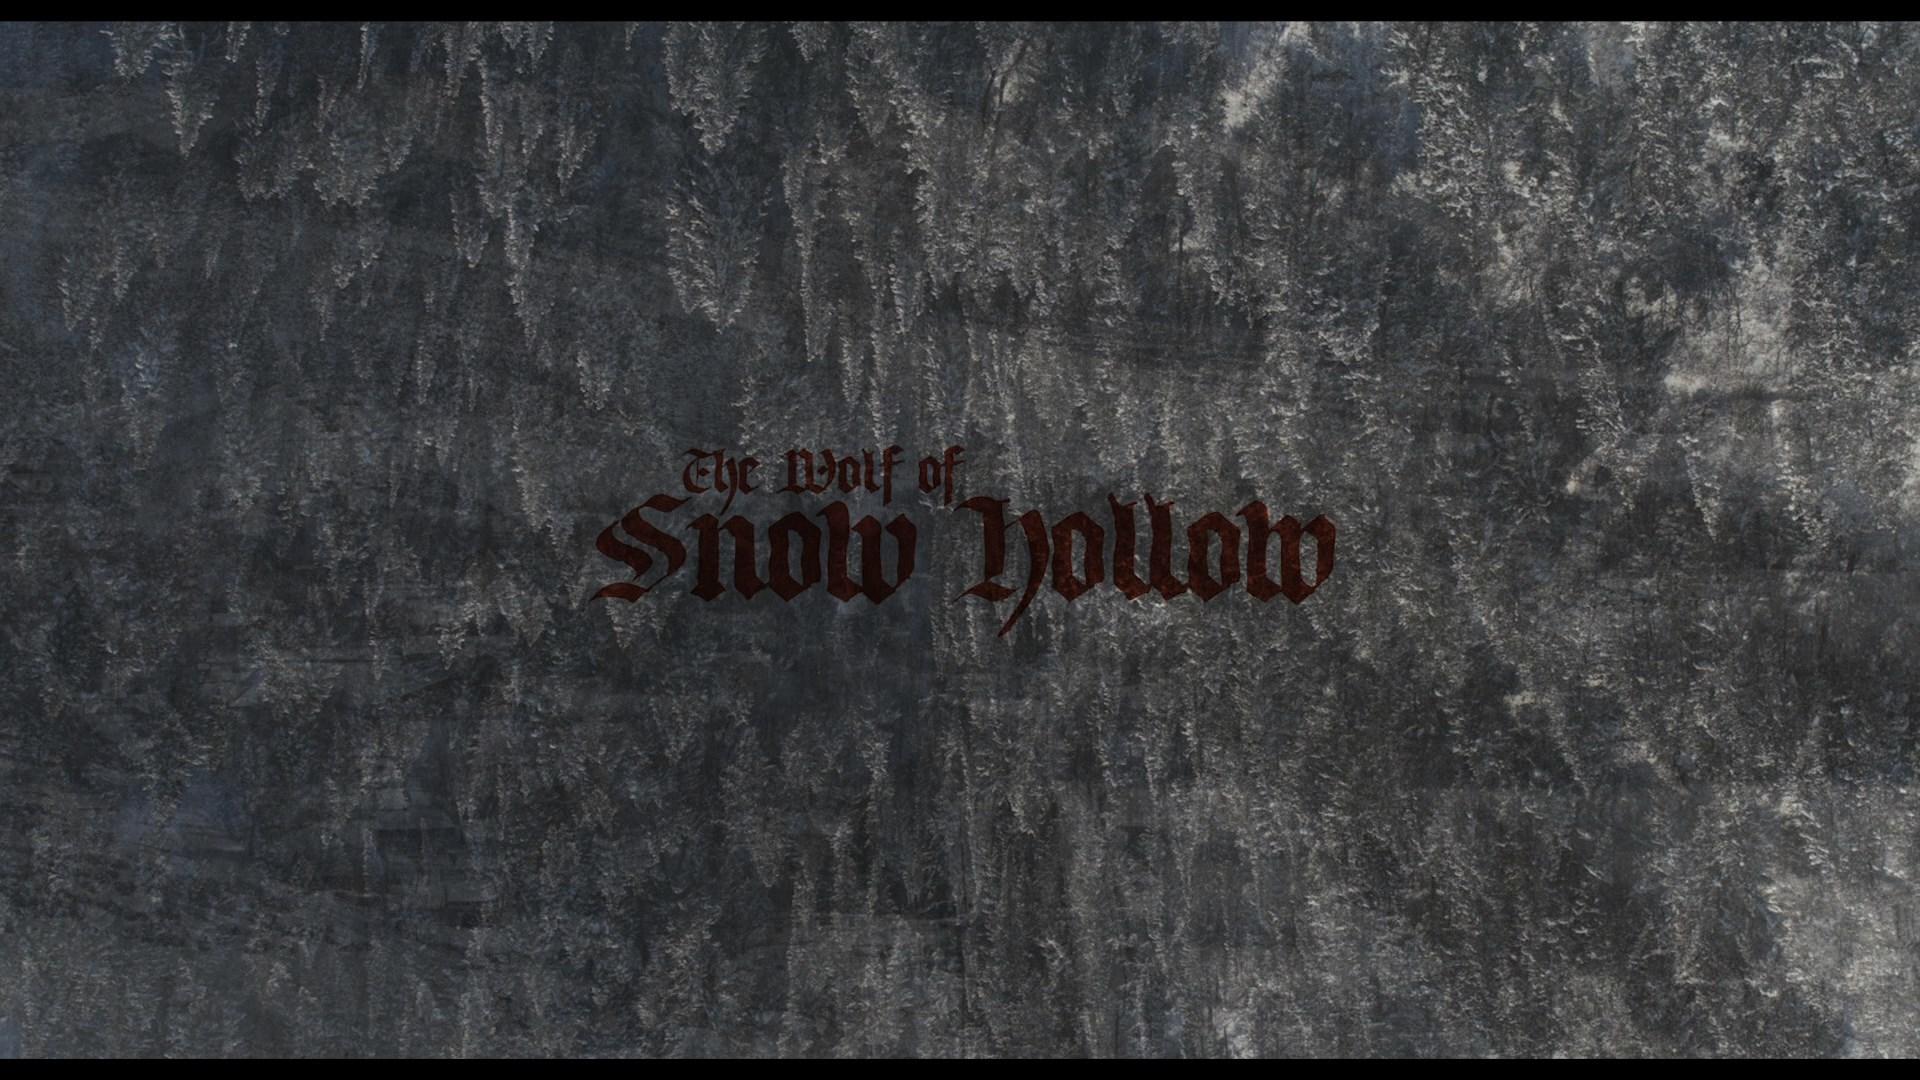 El lobo de Snow Hollow (2020) 1080p Remux